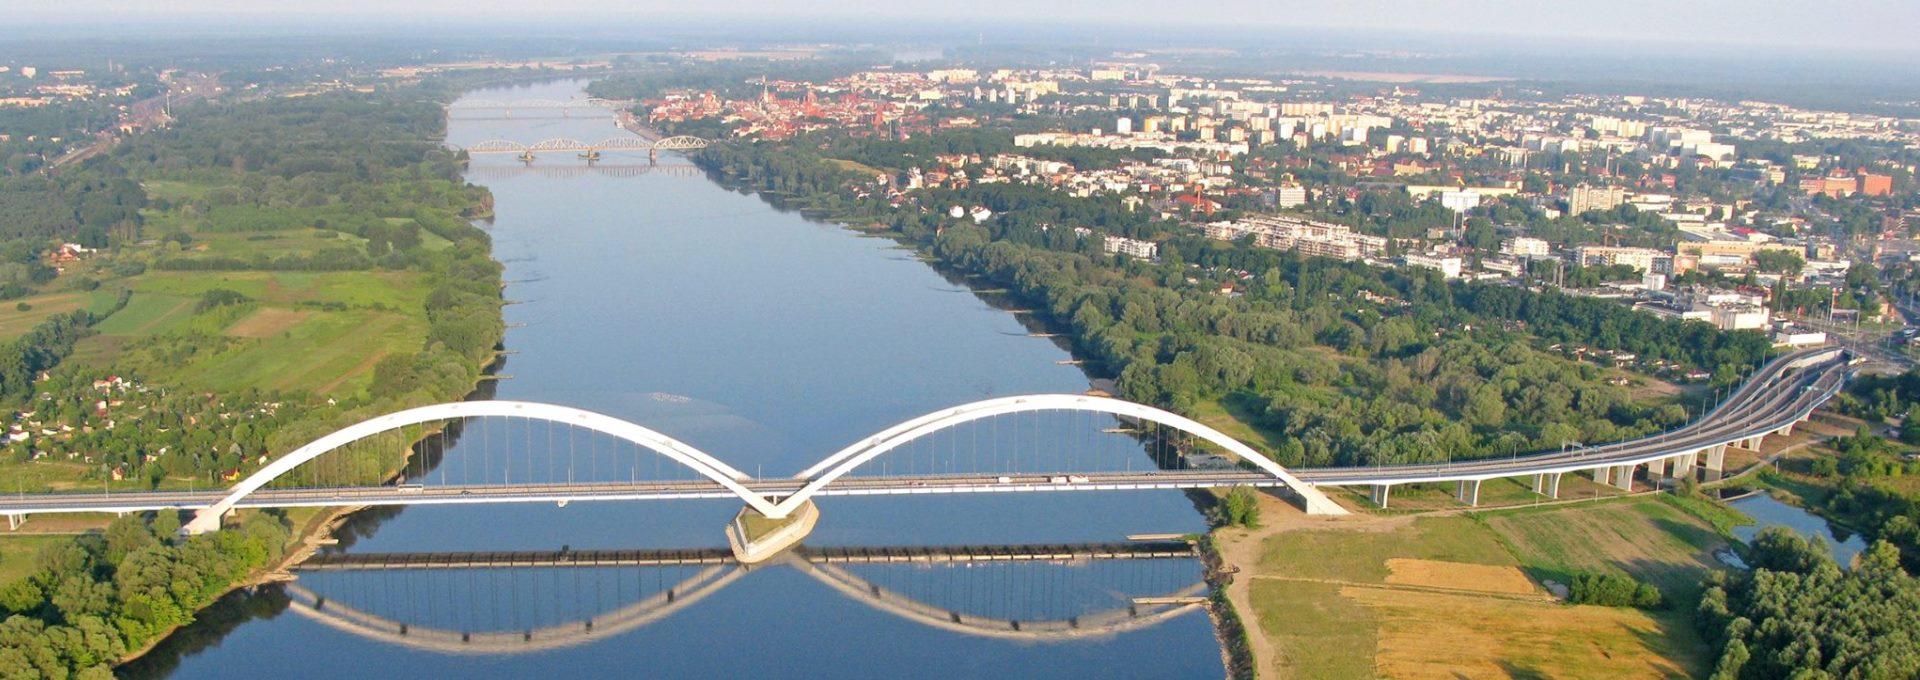 Widok z góry - Wisła przepływająca przez Toruń. Trzy mosty, na pierwszym planie most gen. Zawackiej.